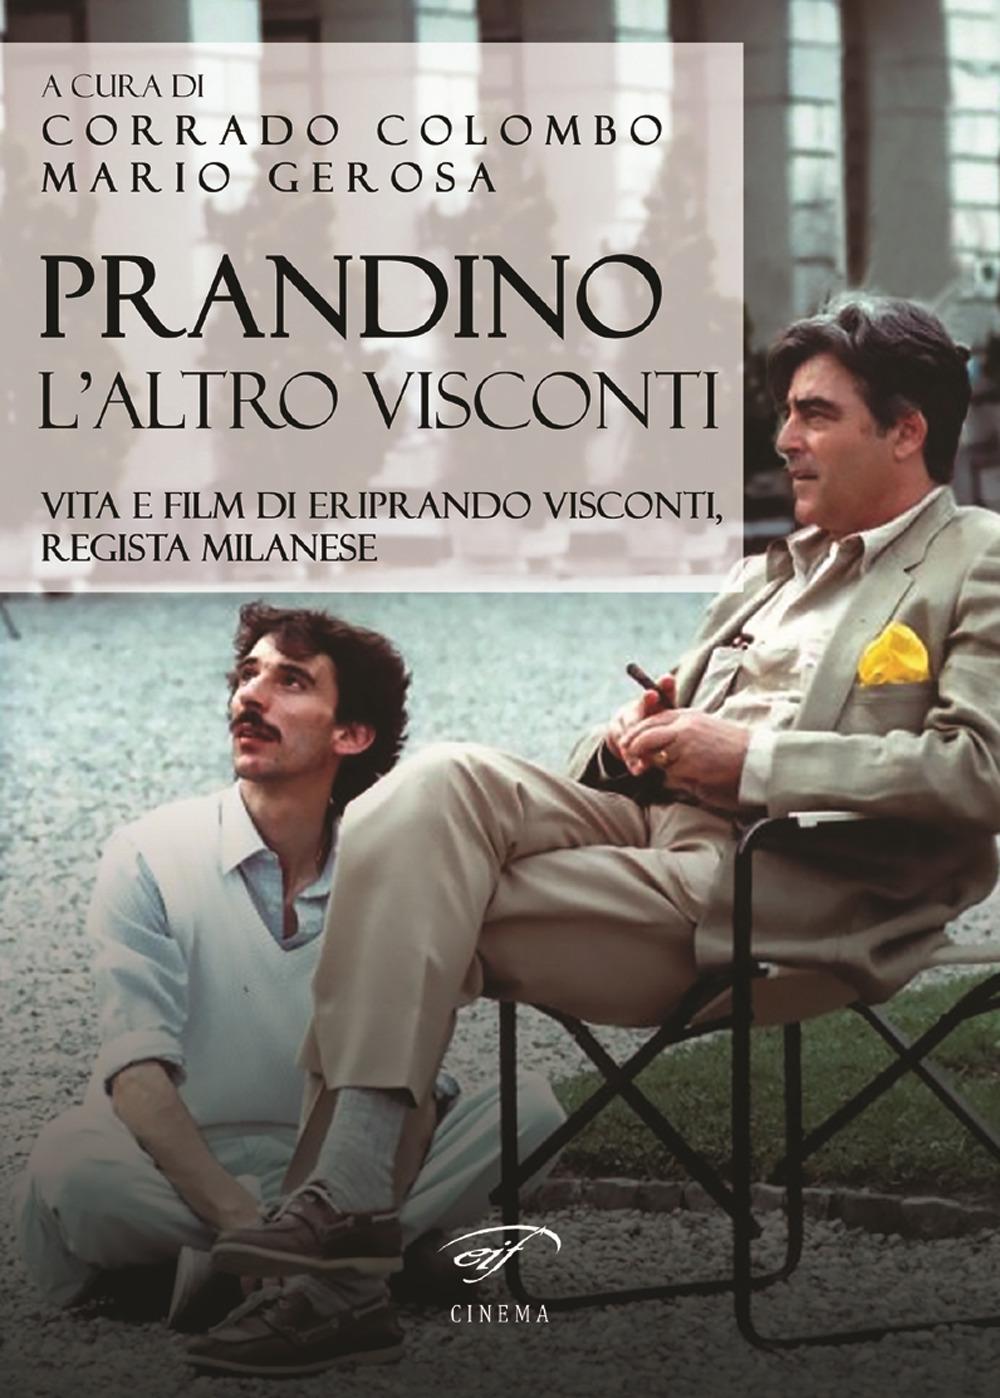 PRANDINO, L'ALTRO VISCONTI (2018) - VOLUME COLLETTANEO